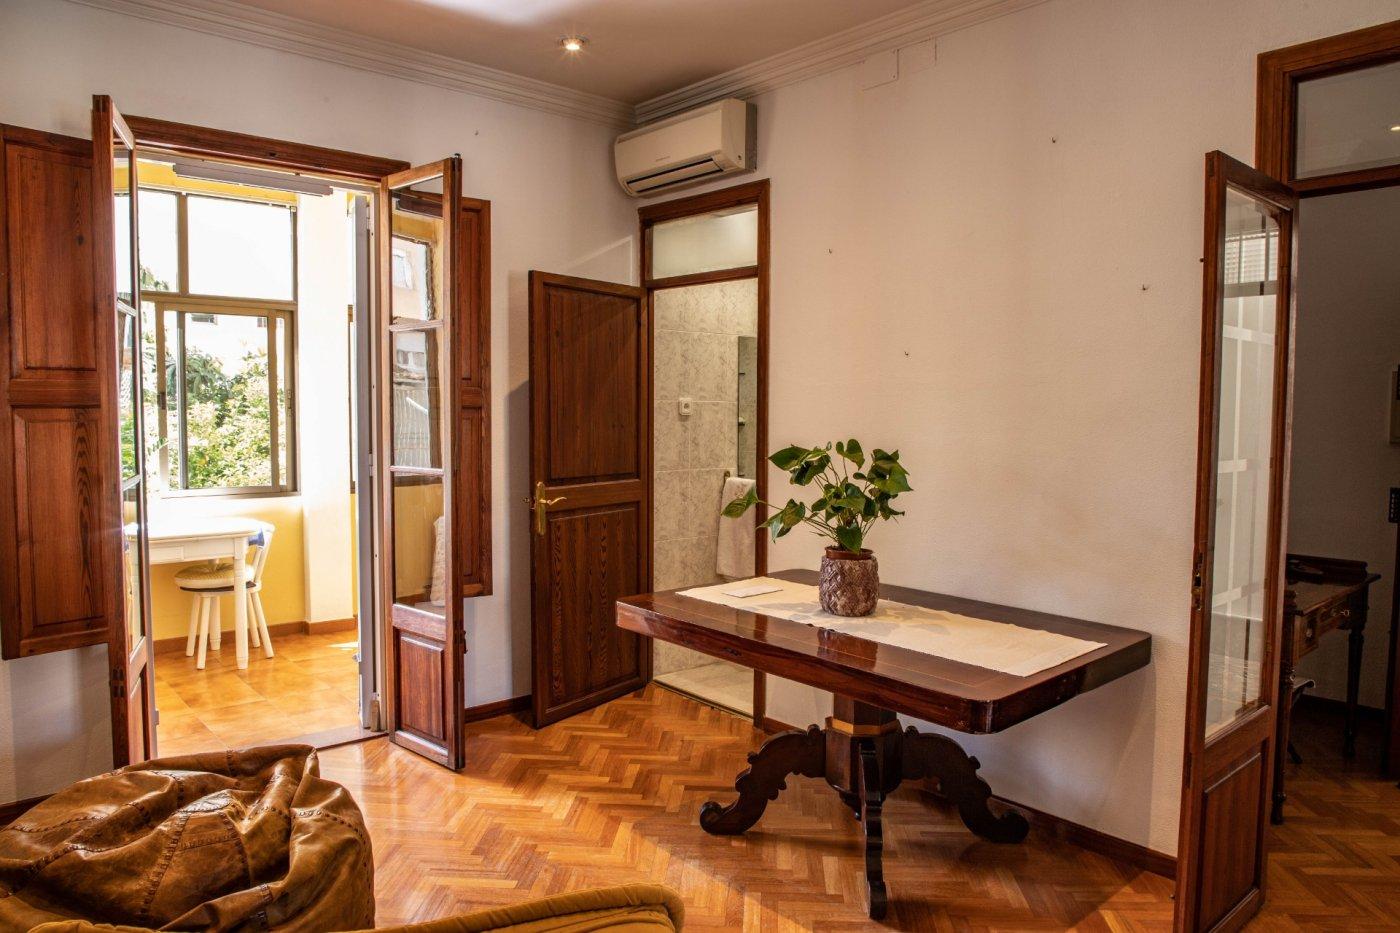 Primer piso con terrado privado en santa catalina - imagenInmueble2